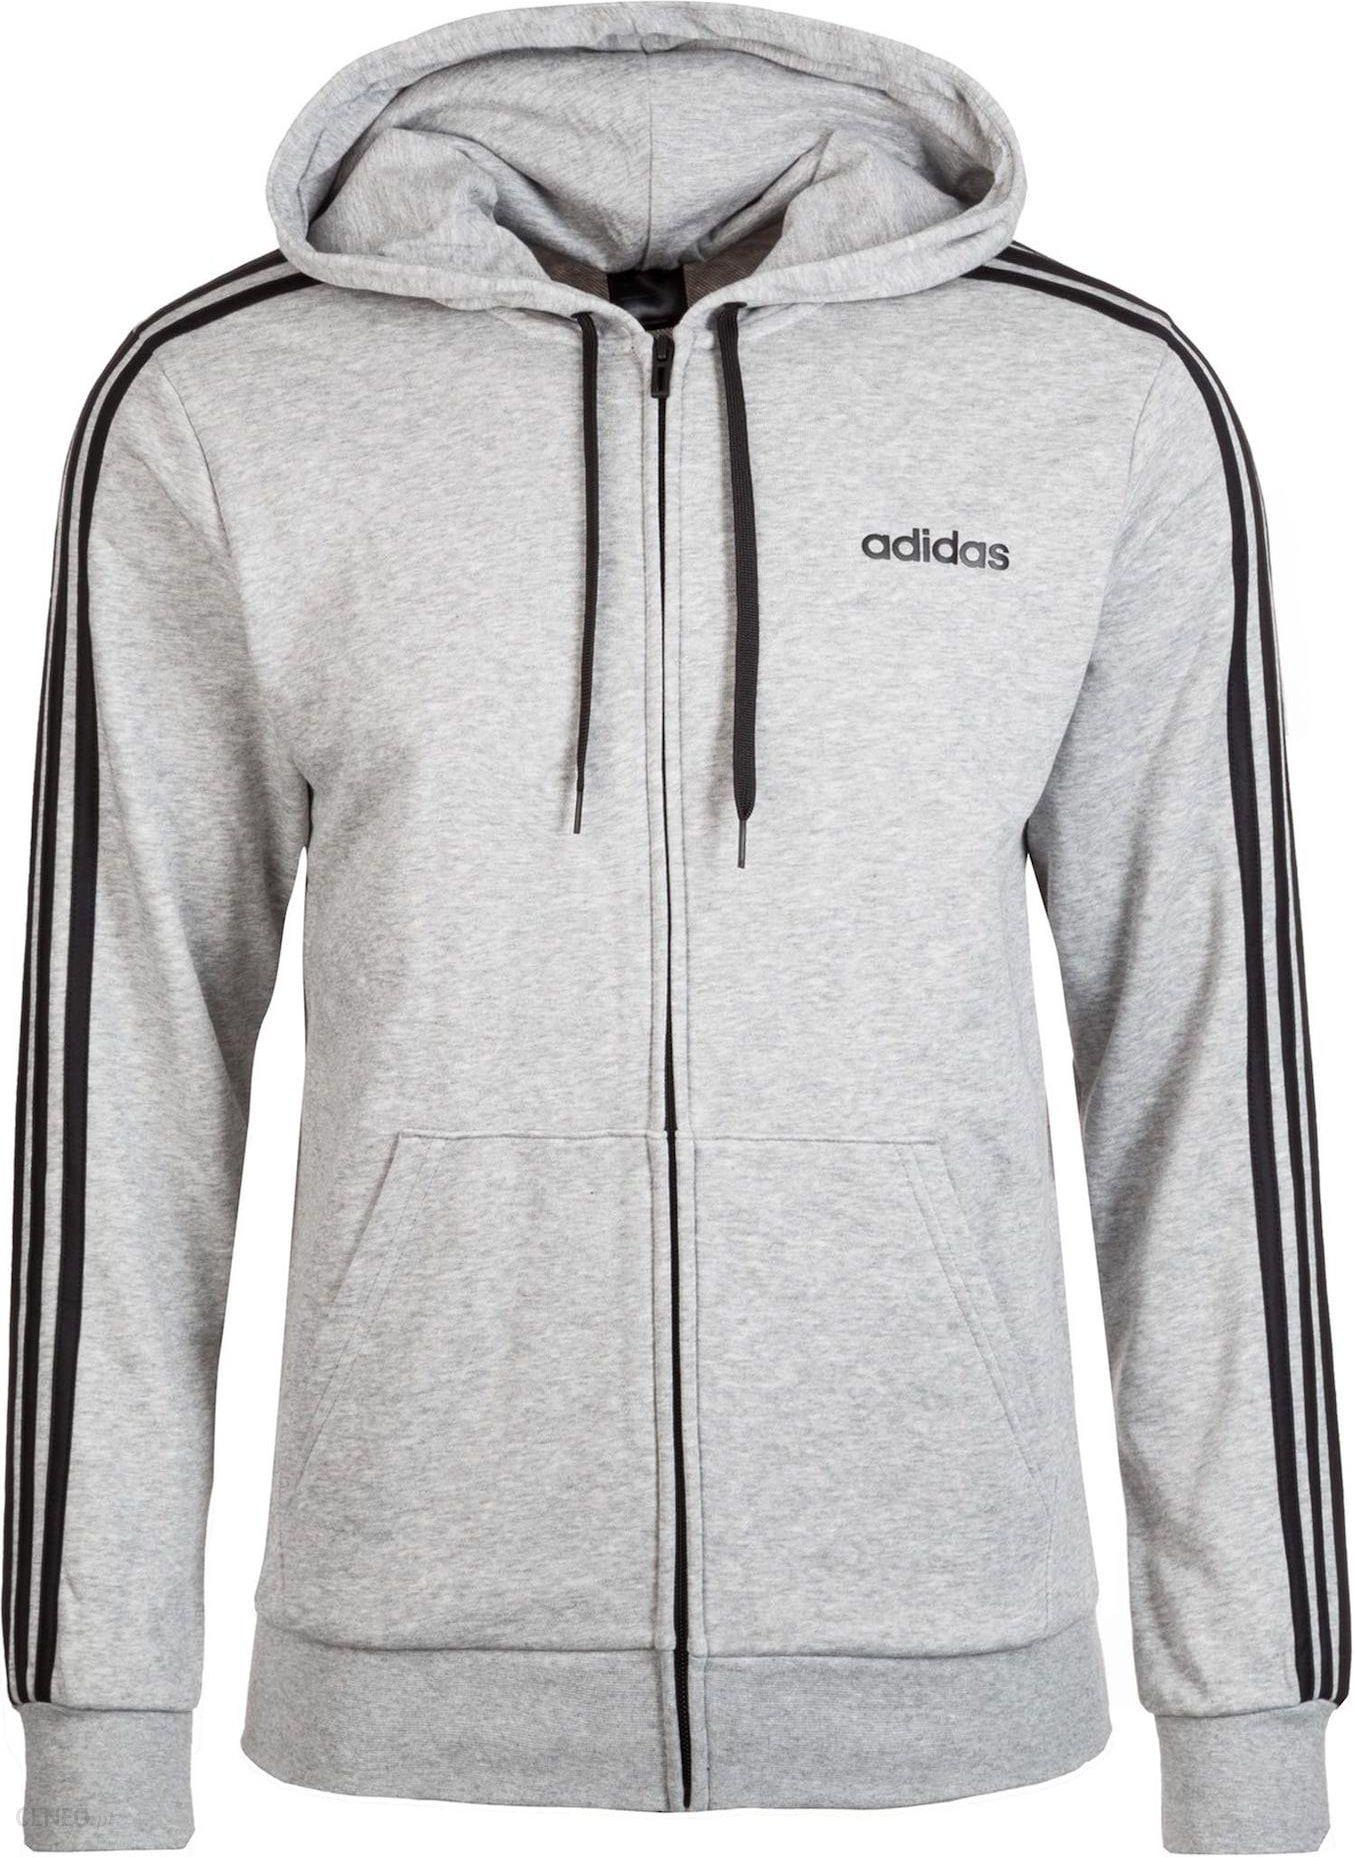 Adidas Bluza Core 18 CE9068 Bawełna M Ceny i opinie Ceneo.pl